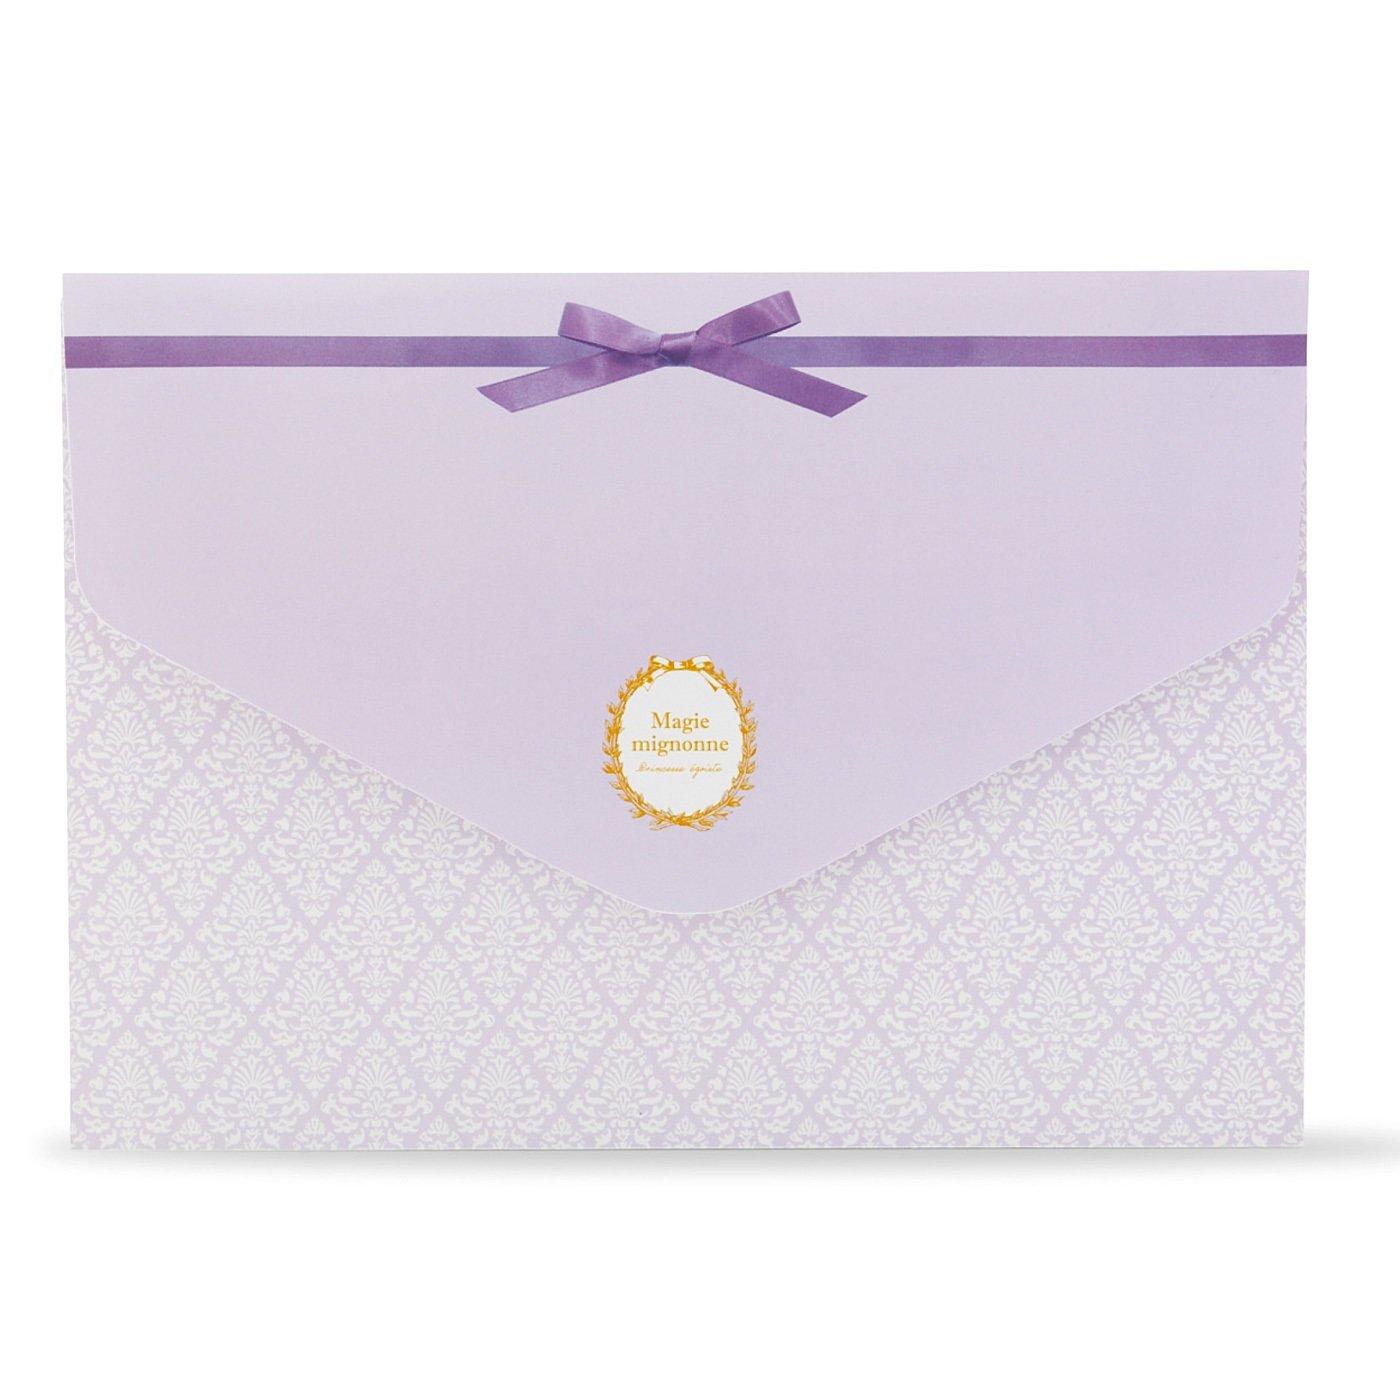 大切な書類はとっておきのケースへ 美しく整とん&出し入れができる ドキュメントケース〈L〉